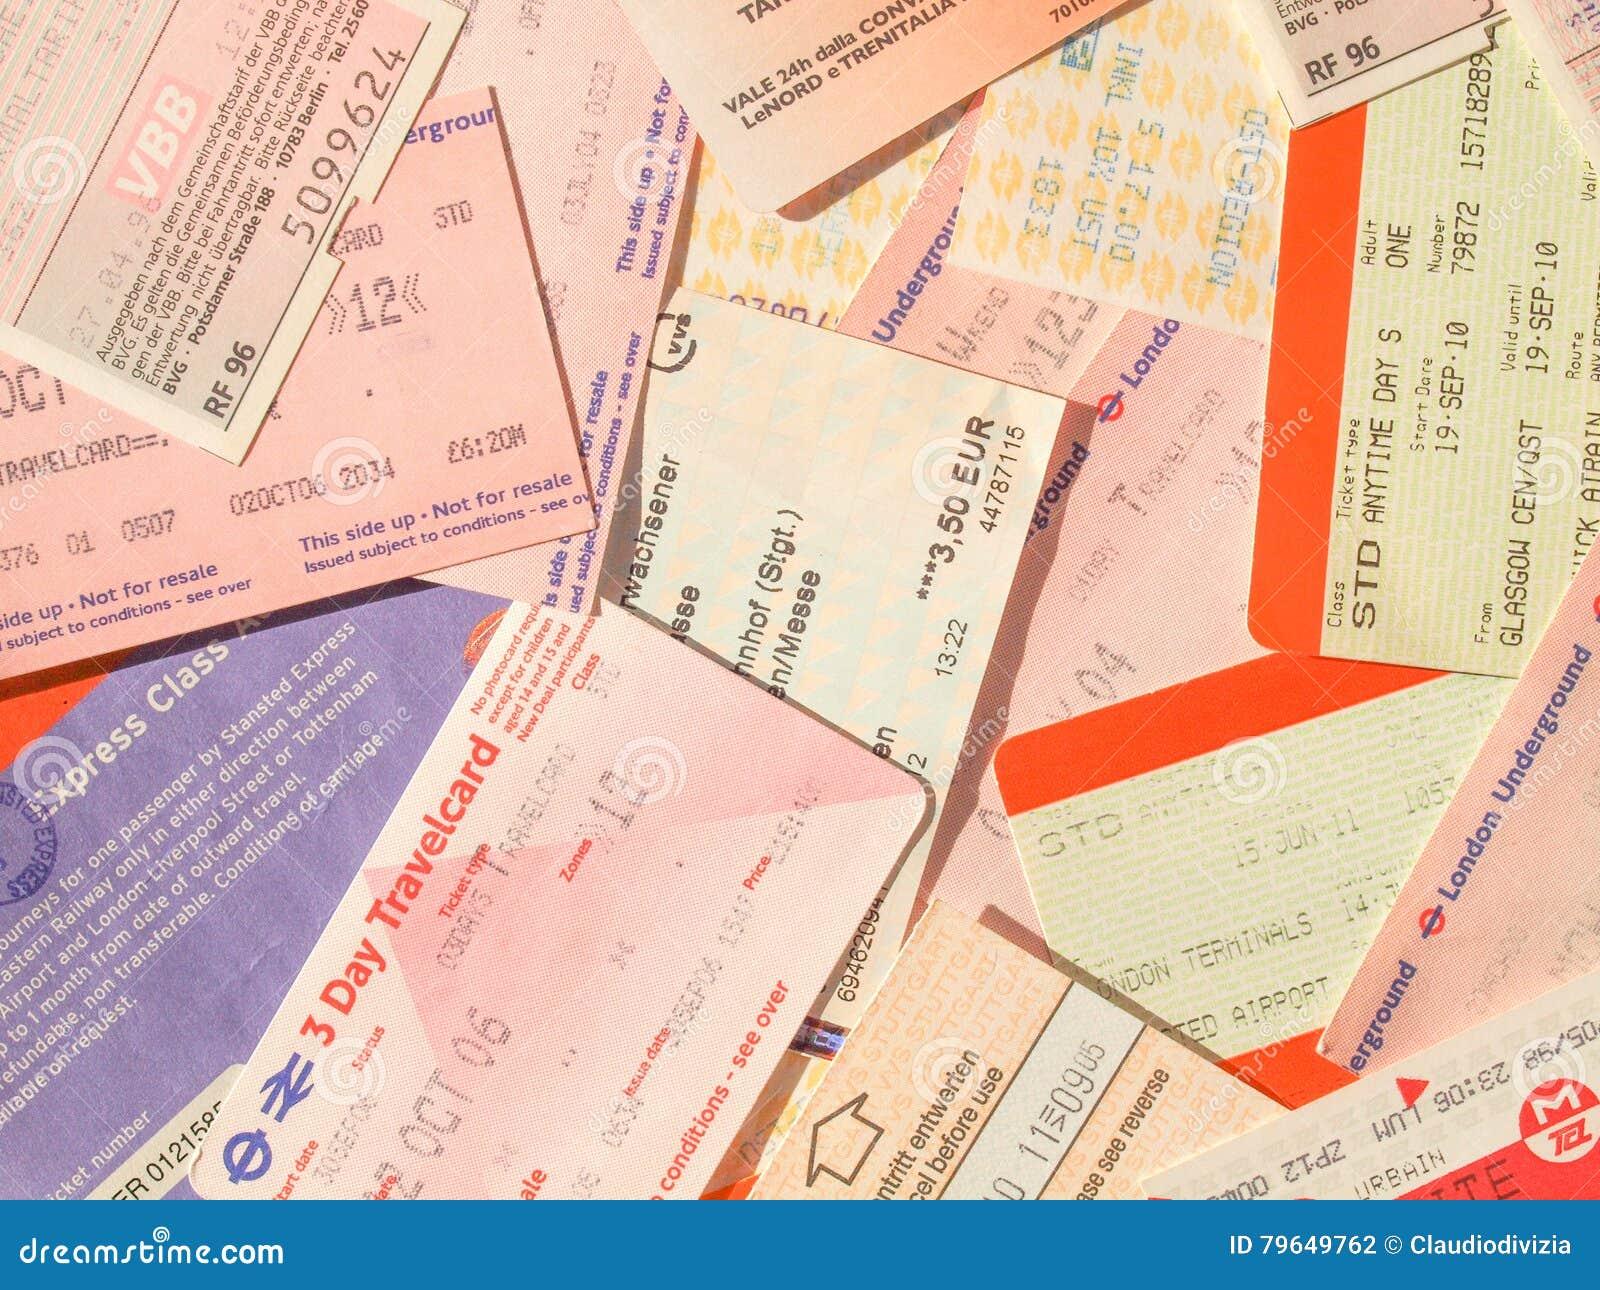 finest selection 895e1 c860f Biglietti Di Trasporto Pubblico Fotografia Editoriale ...